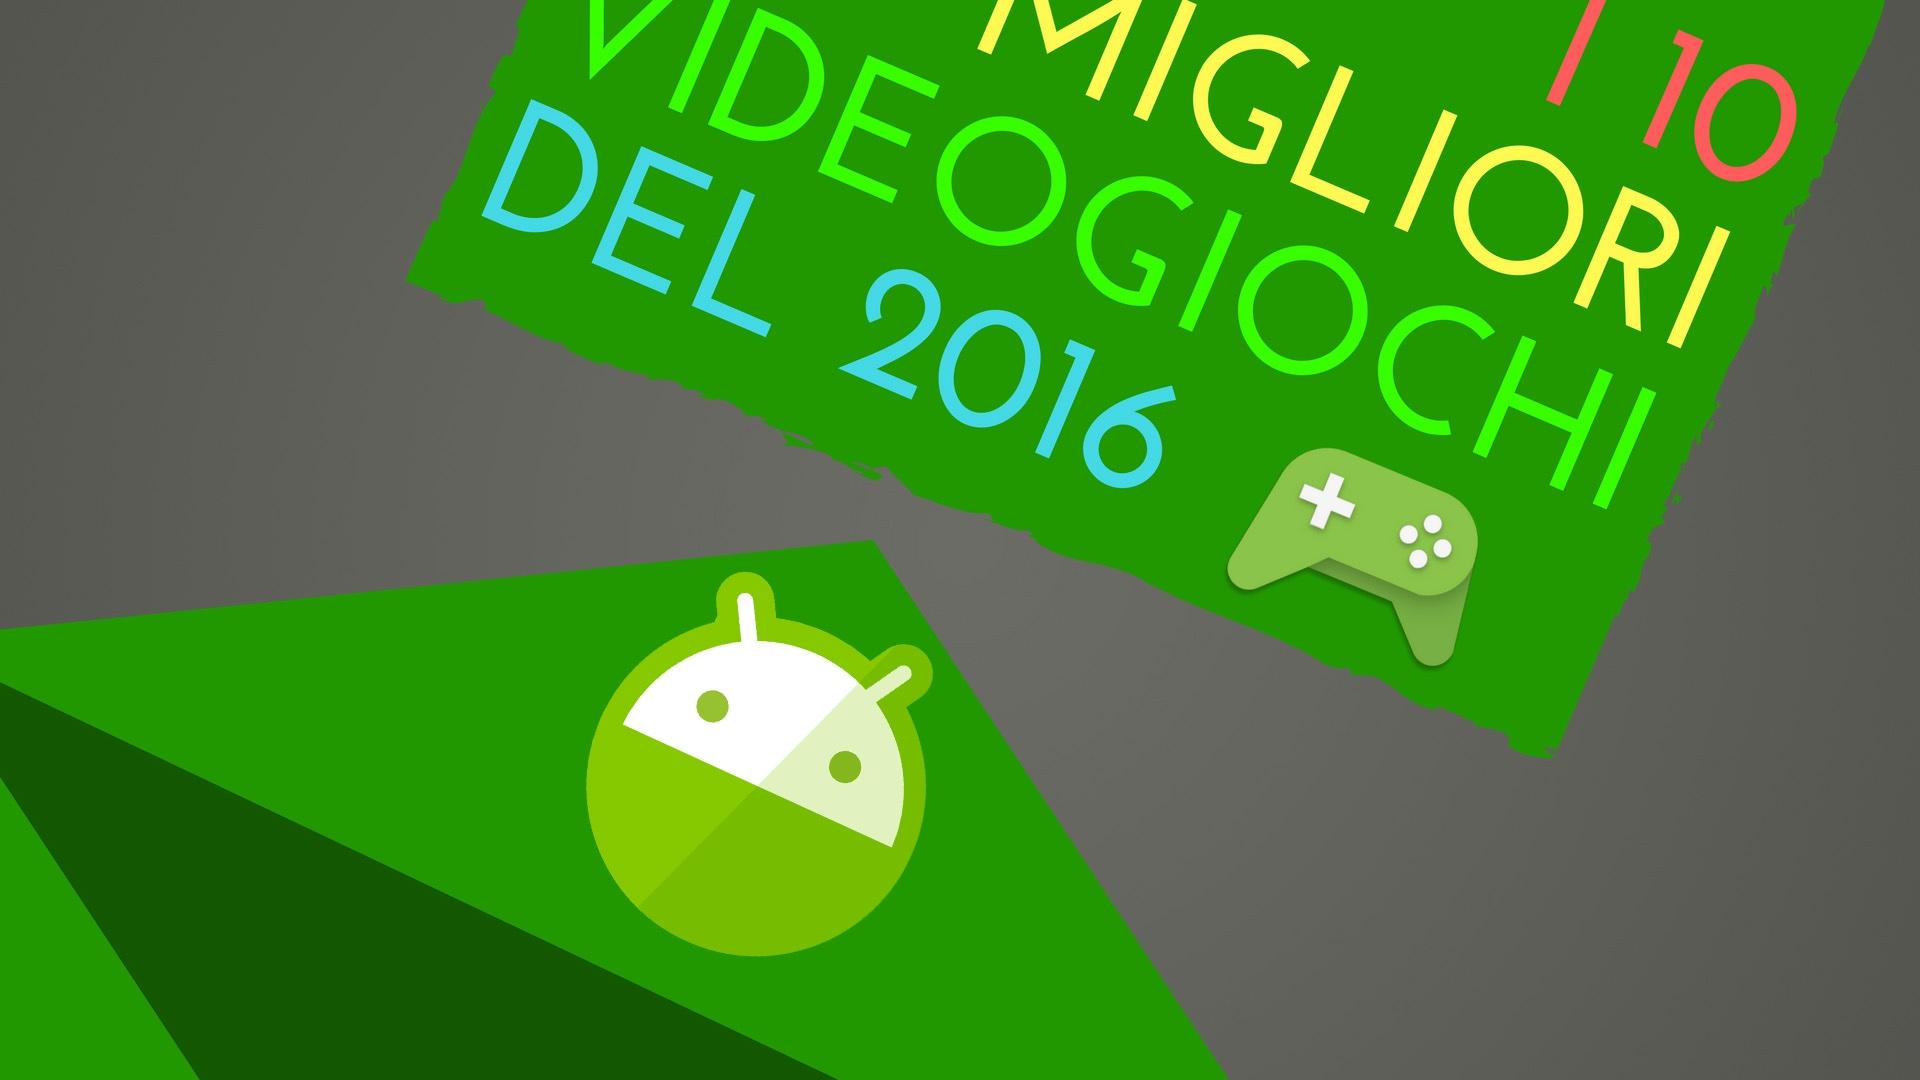 i-10-migliori-giochi-per-android-del-2016